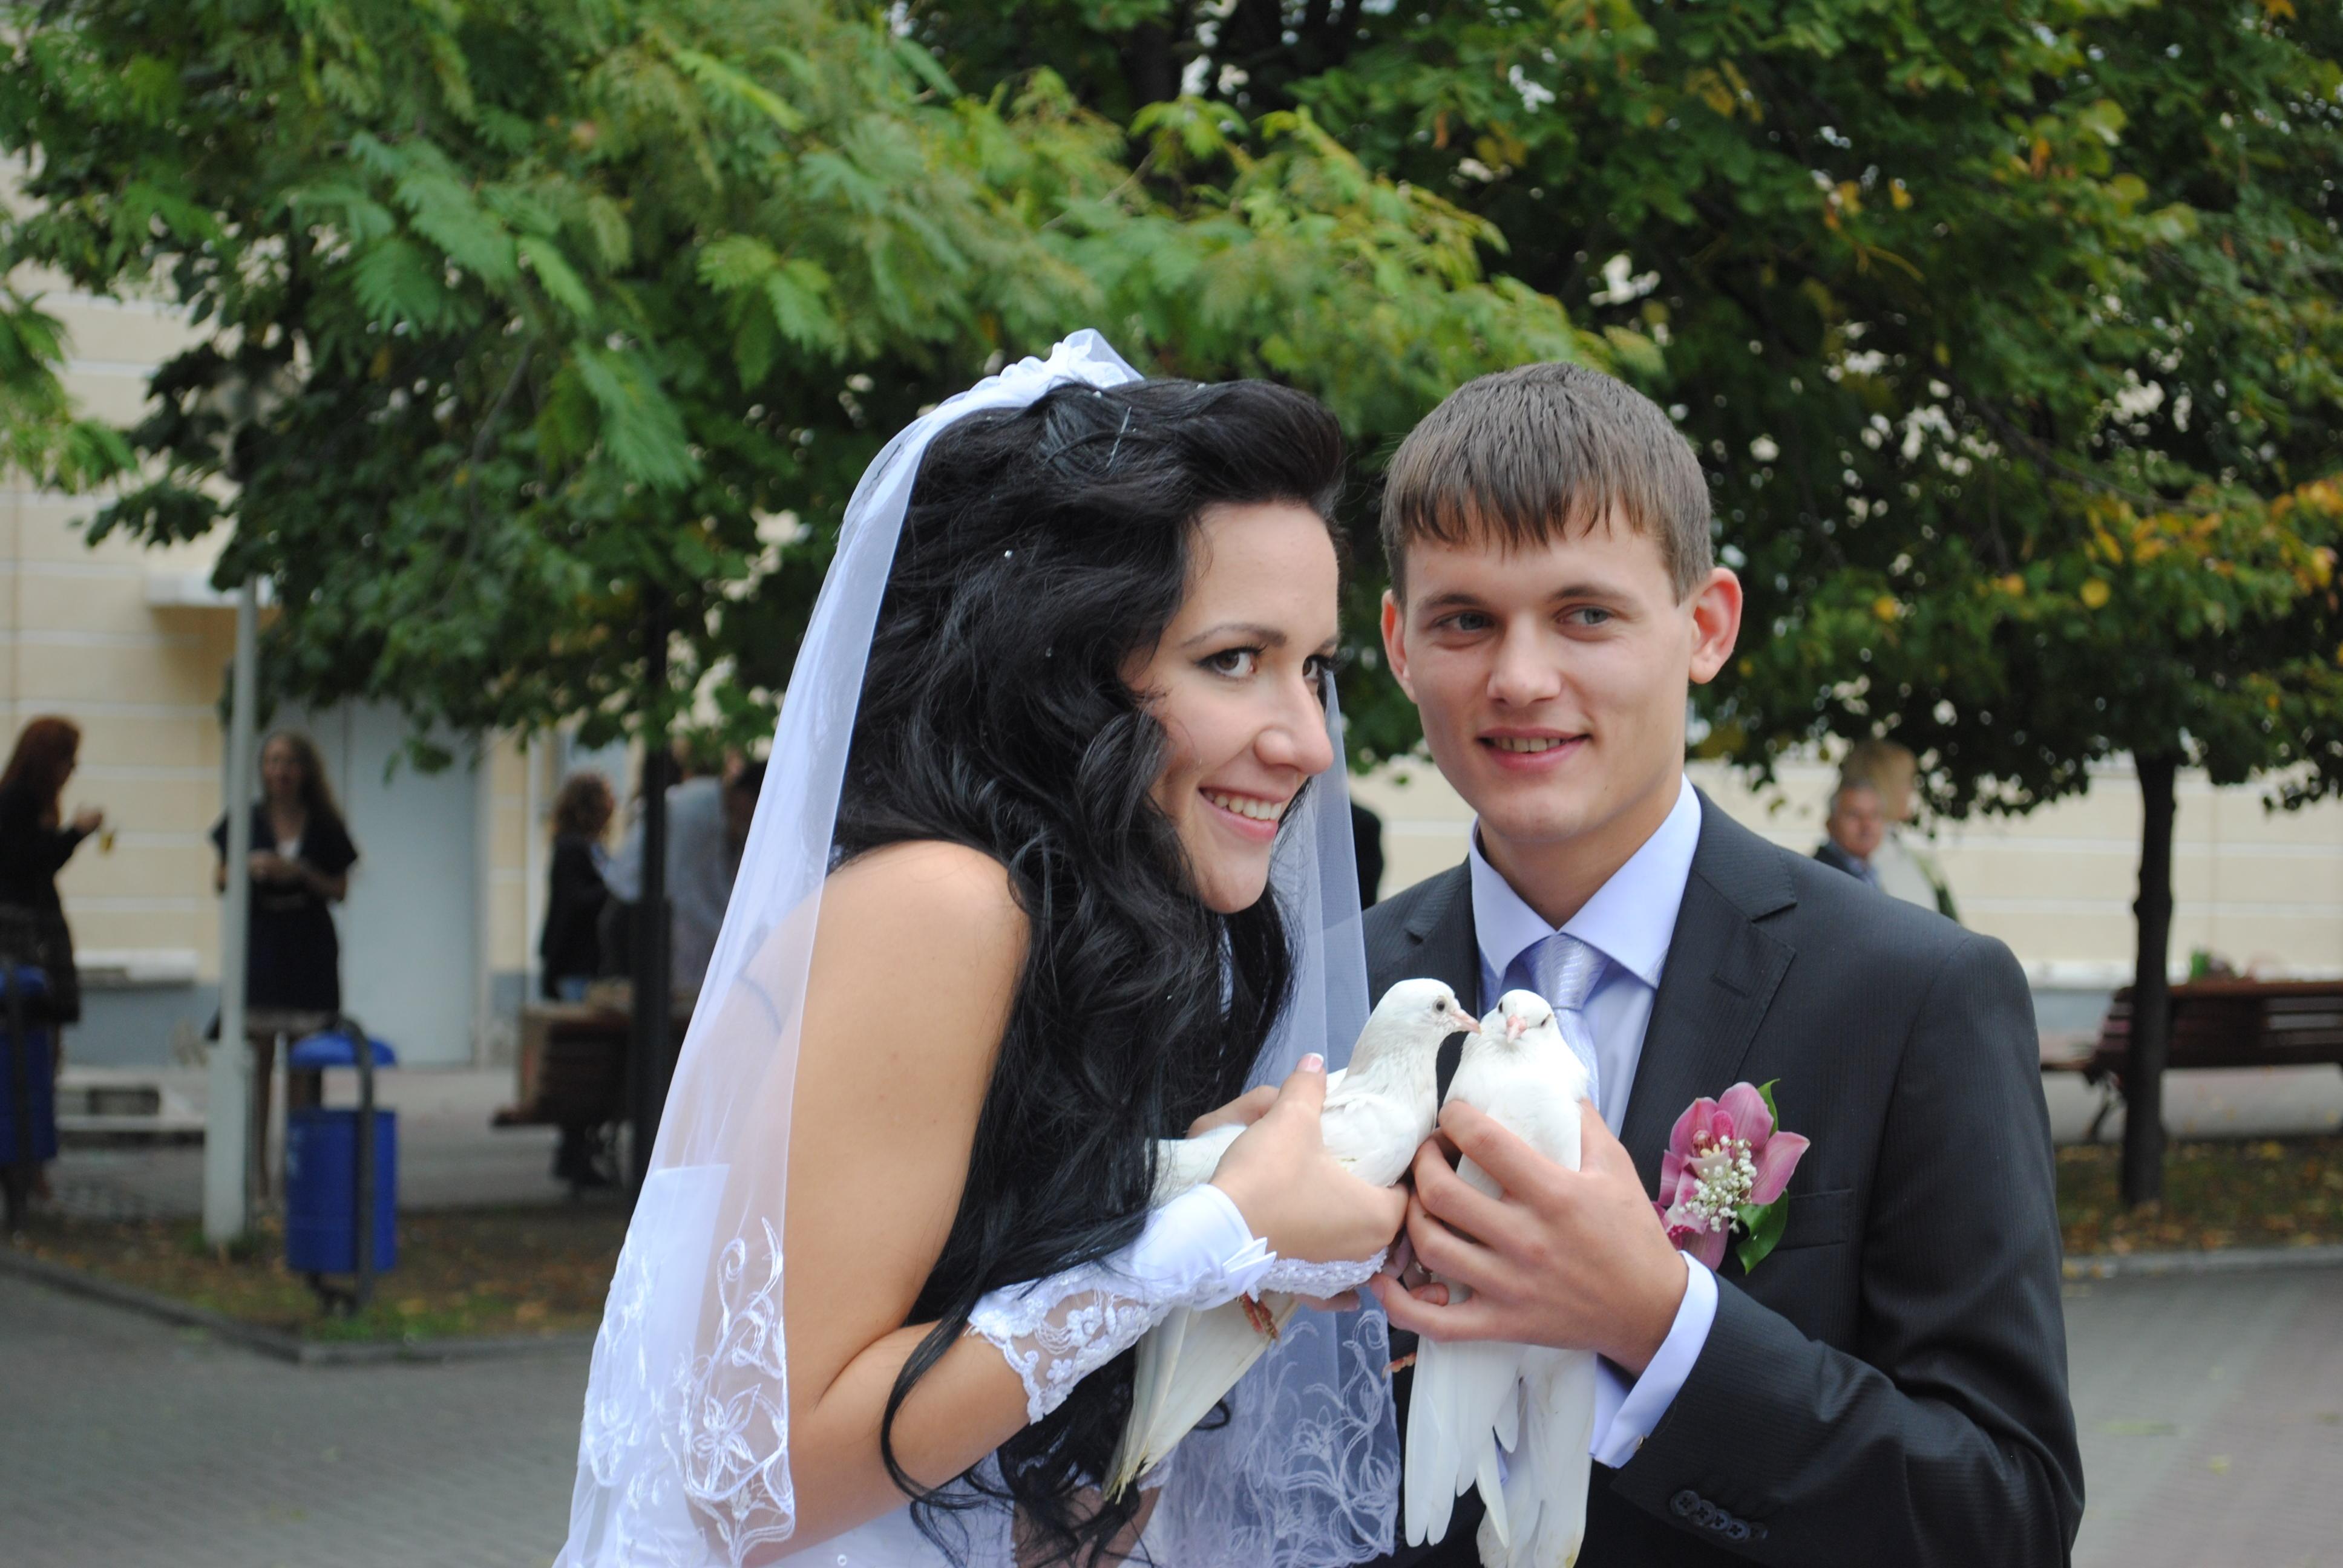 ГОЛУБКИ С ГОЛУБКАМИ. Лучшее свадебное фото